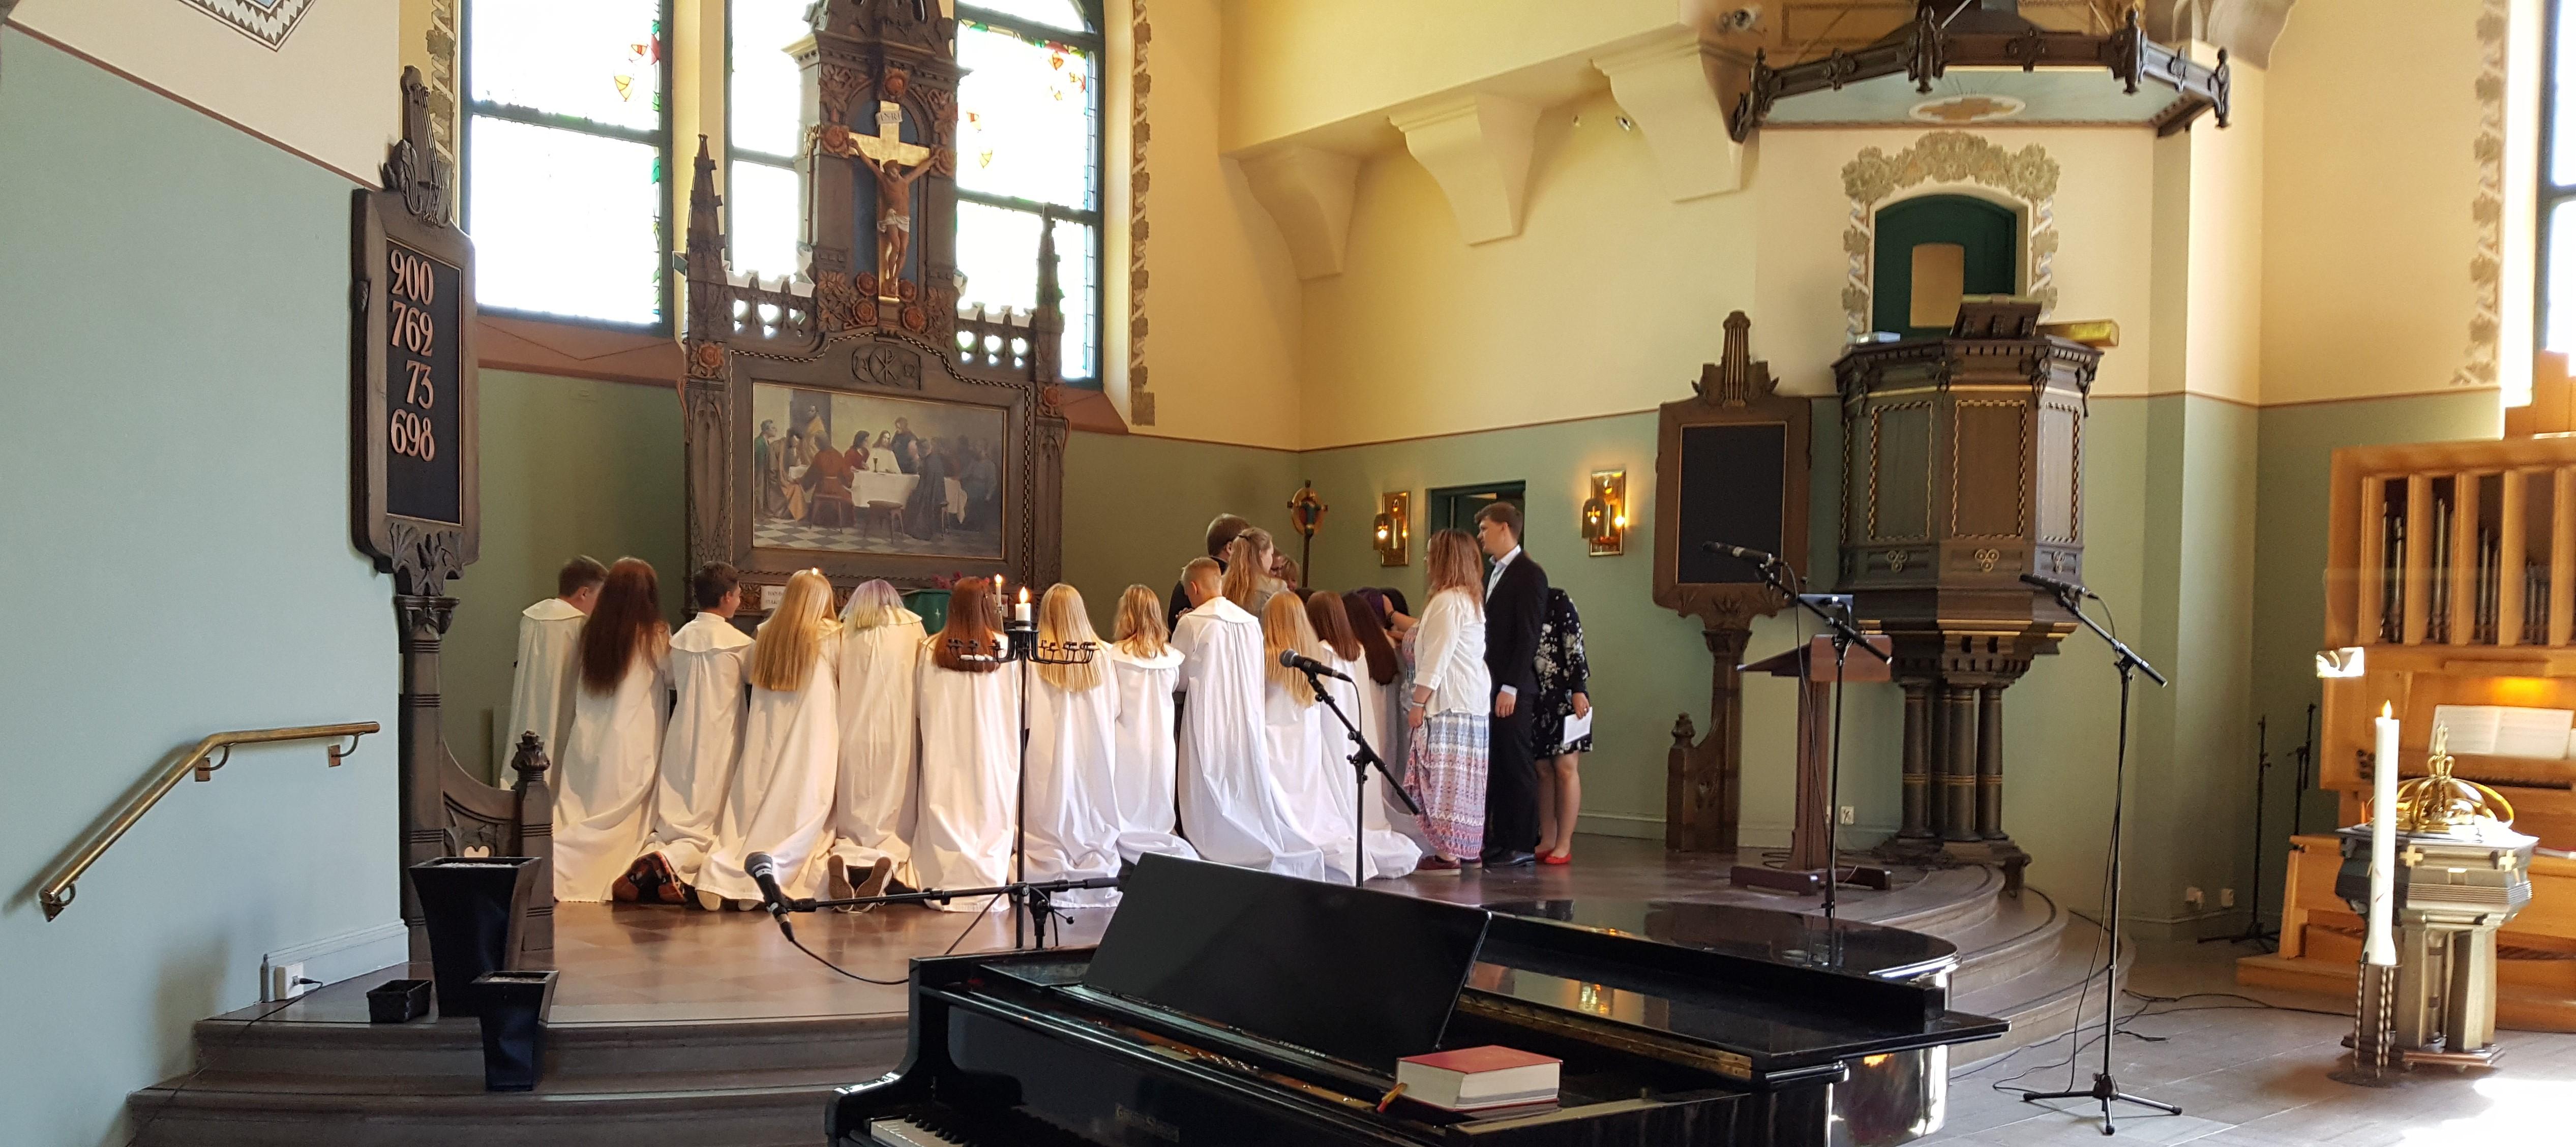 Handpåläggning på en av konfirmanderna som knäböjer runt altaret.